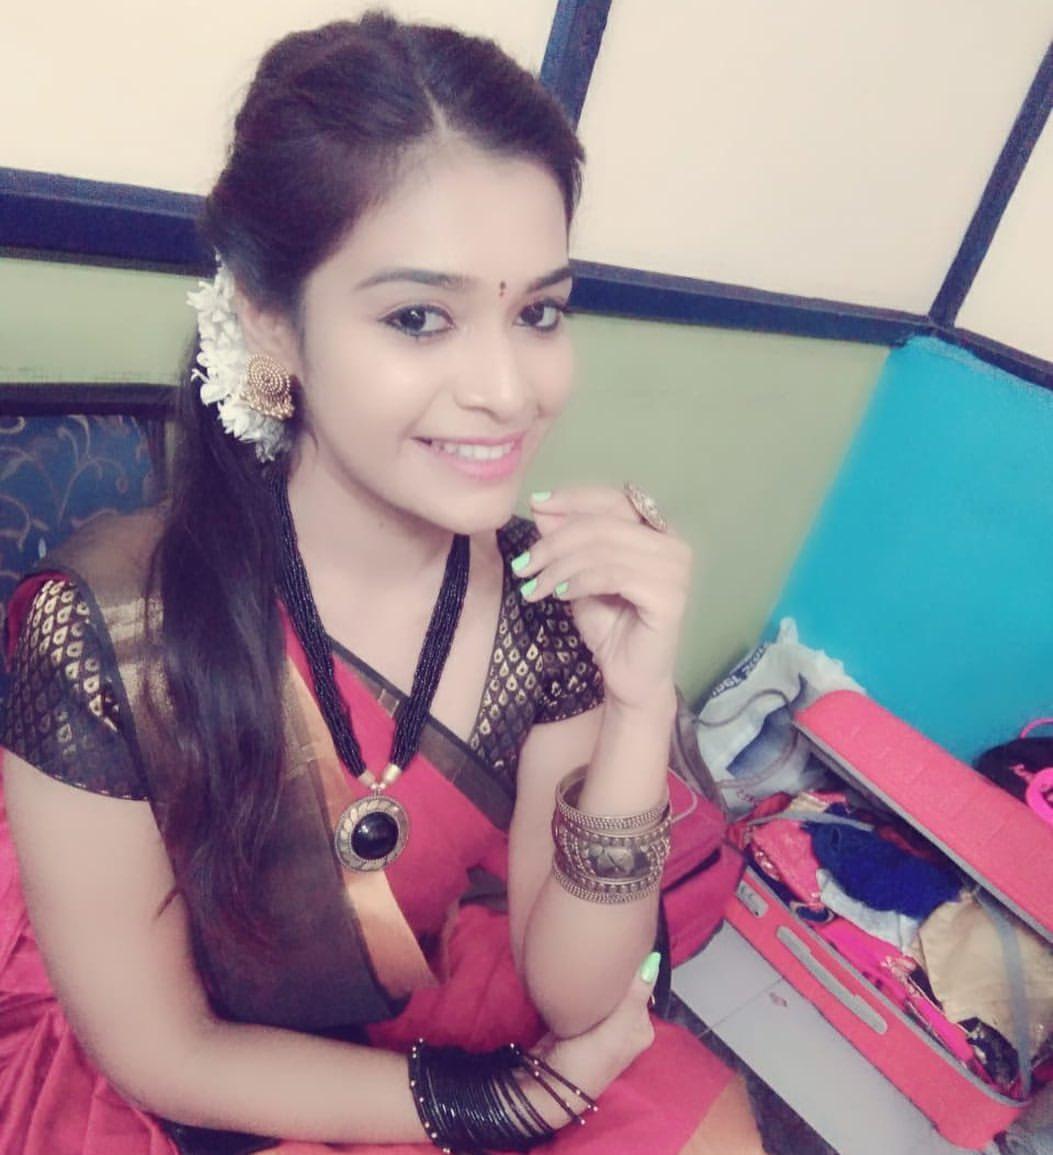 💝💜 ஒரு முறை கடிதம் எழுதி வைத்தேன்... நீ எனும் என் வாழ்வின் விழாவைக் கொண்னாடுவேன் என்று!! வெரும் கடிதமாக இருந்தது என் வாழ்க்கையின் லட்சியமானது 💝💜 @DharshaGupta 💖💖💖  #dharshagupta #actress #twitter #love #life #celebration